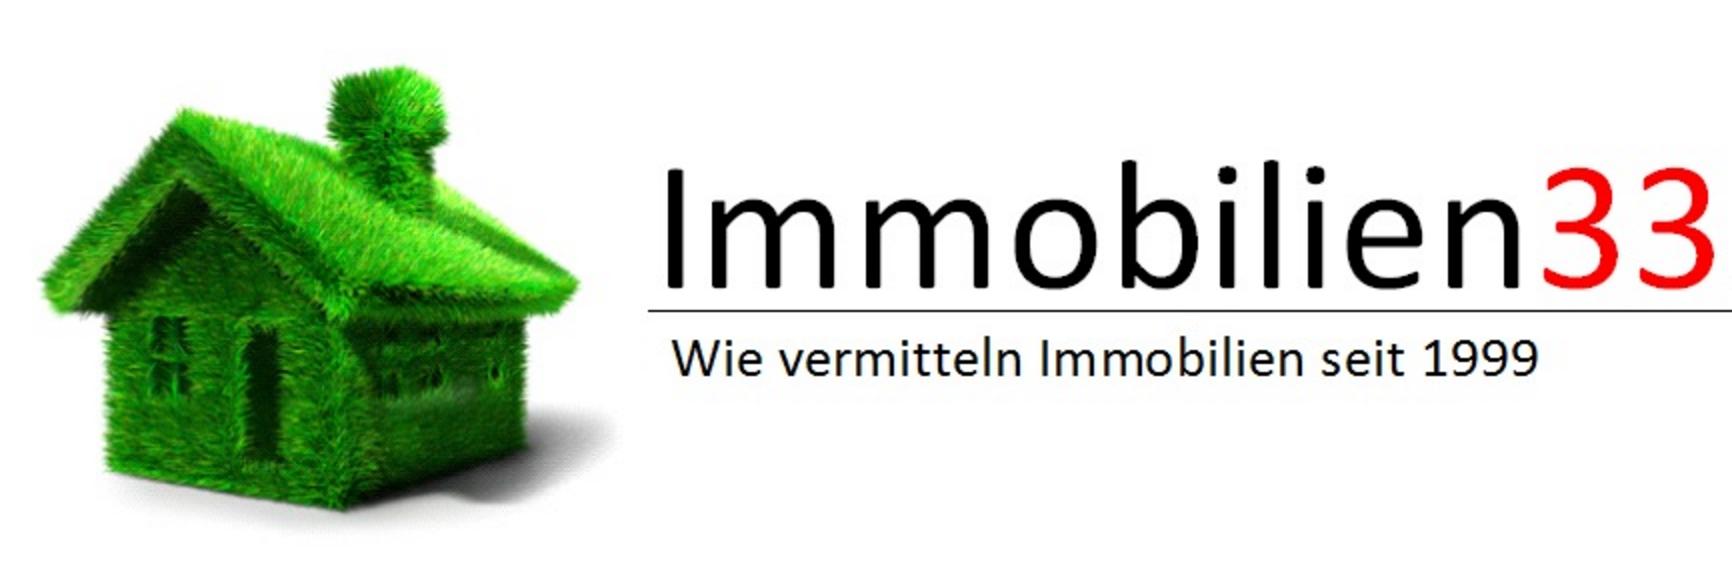 Hier sehen Sie das Logo von Immobilien33